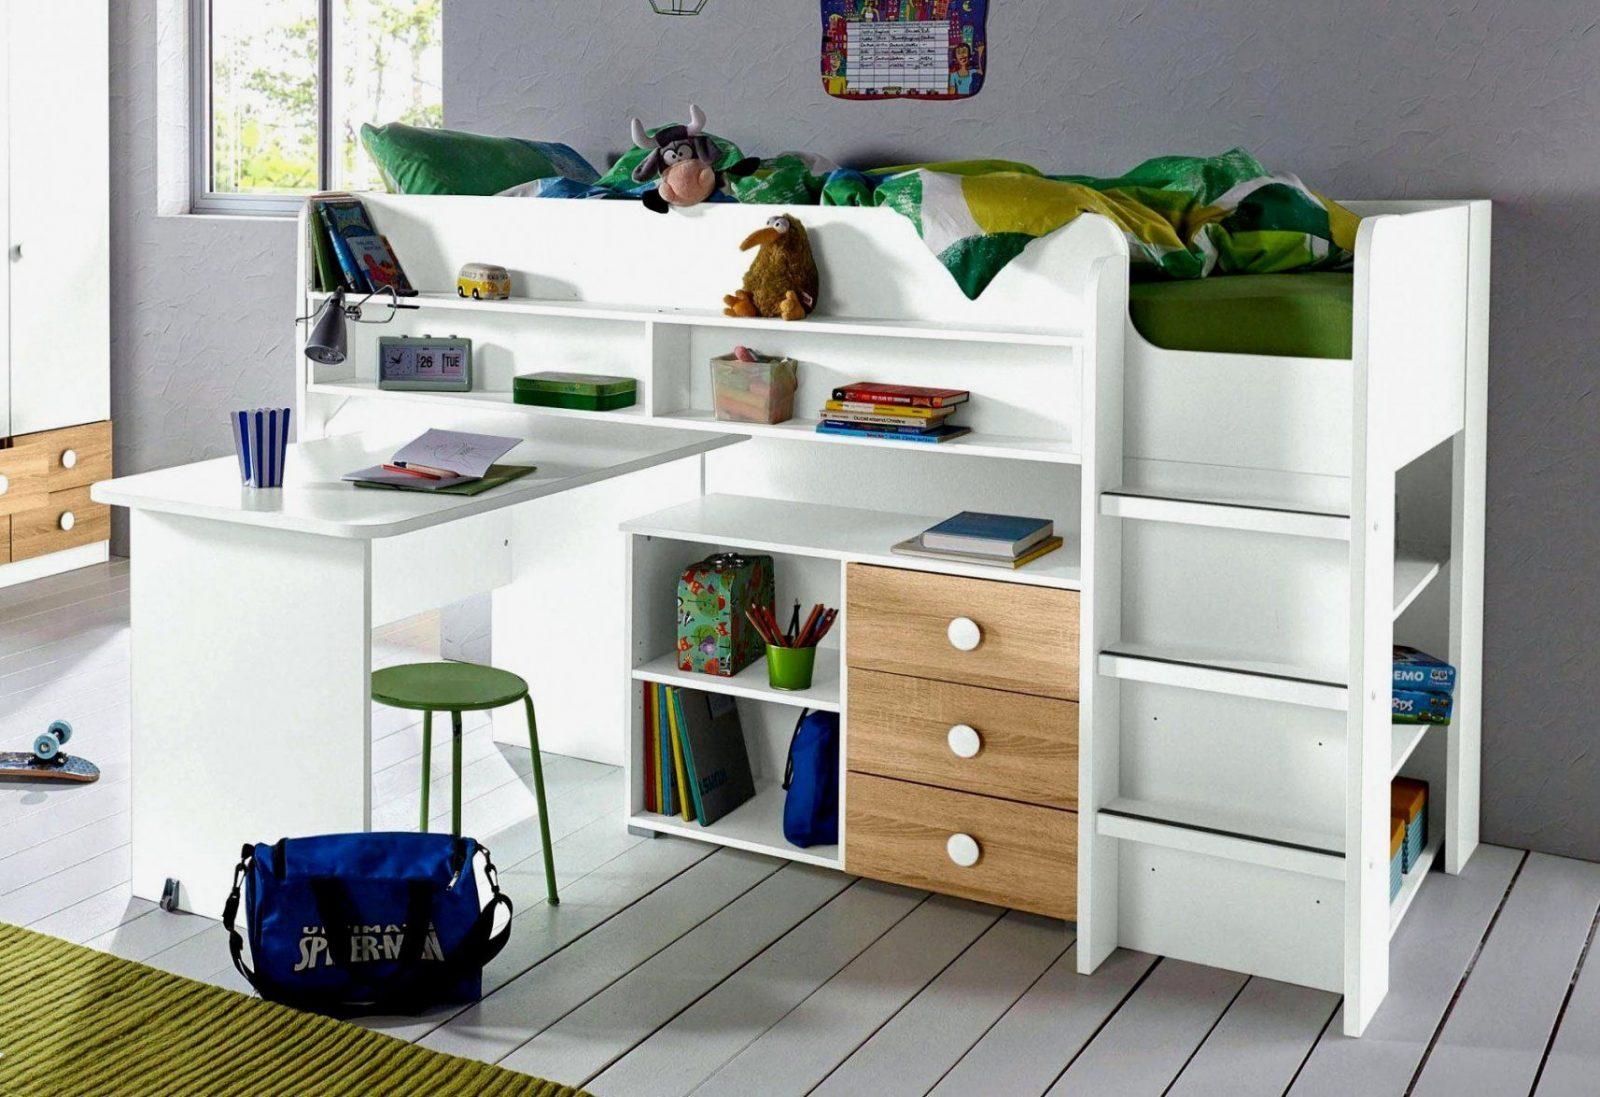 Etagenbett Mit Schrank Und Schreibtisch : Hochbett mit schreibtisch ikea fresh